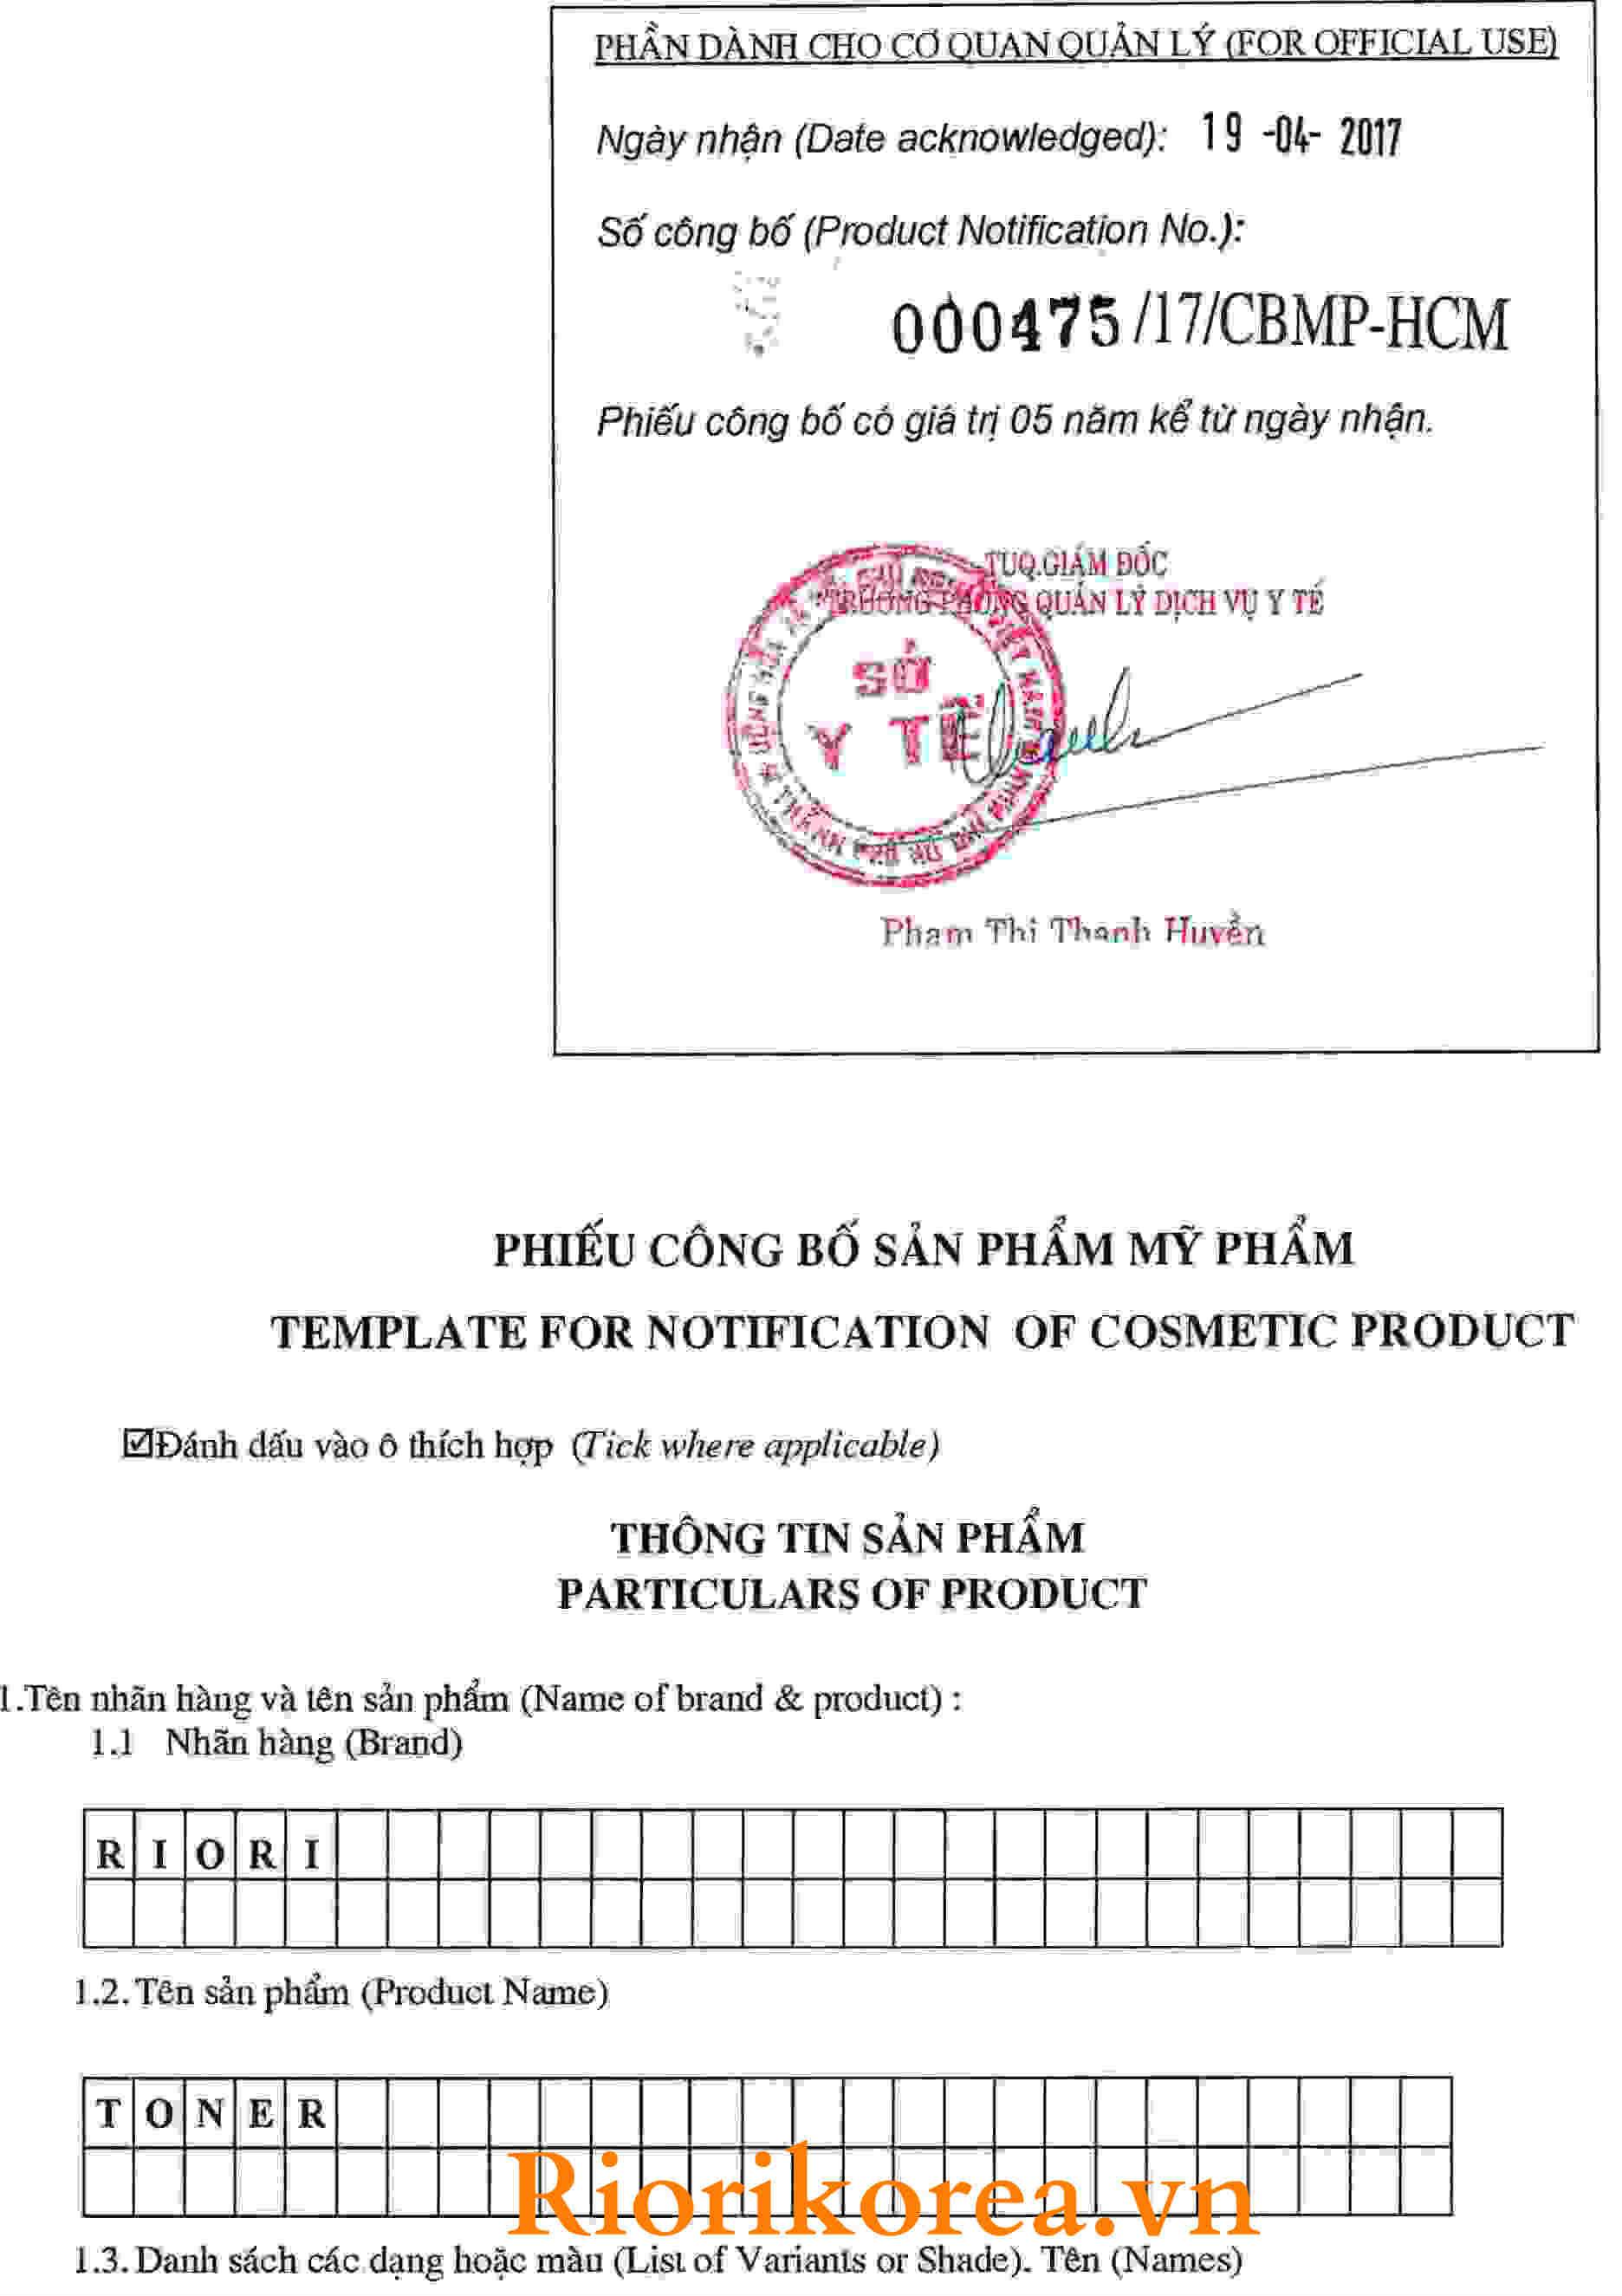 Phiếu công bố sản phẩm nước hoa hồng trị mụn Toner Riori